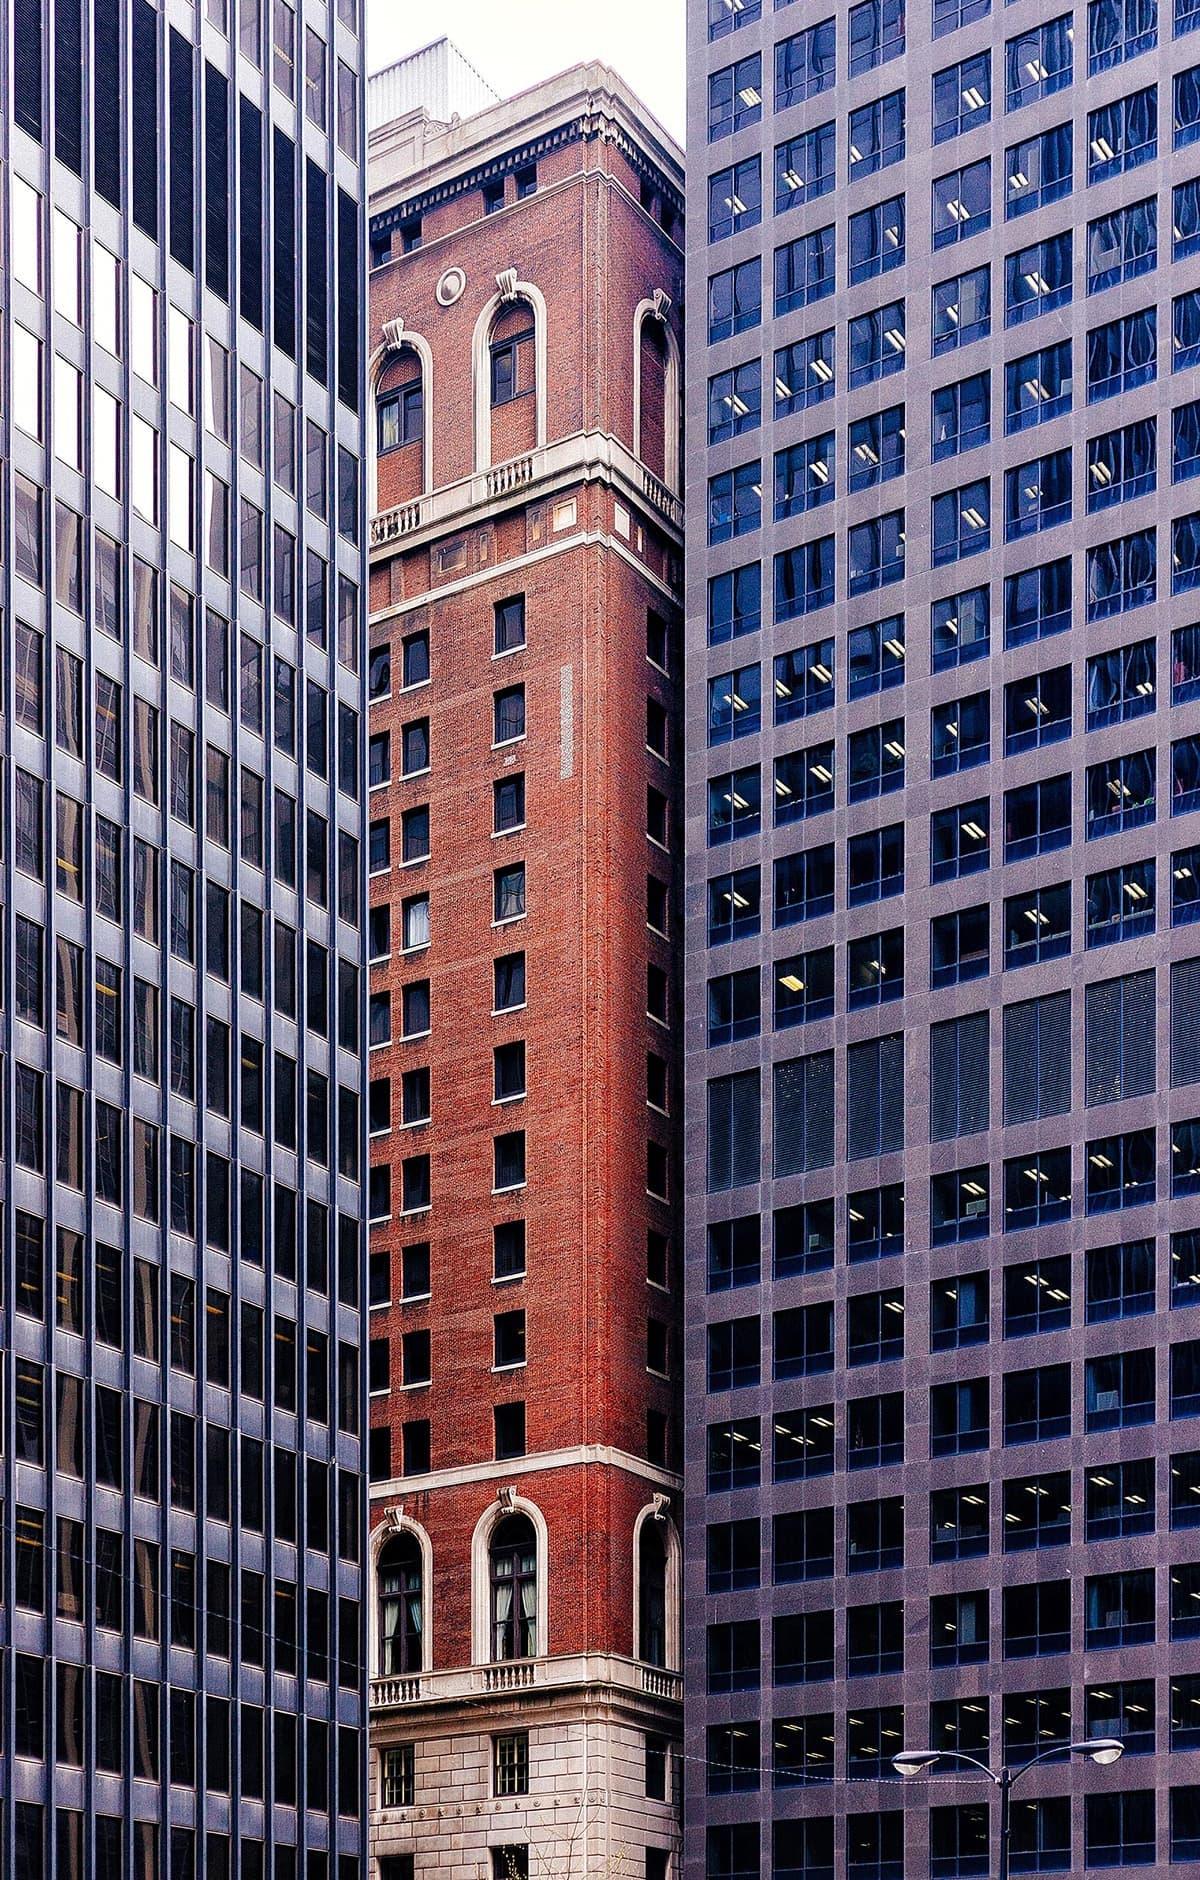 Kluczynski Federal Building, Chicago